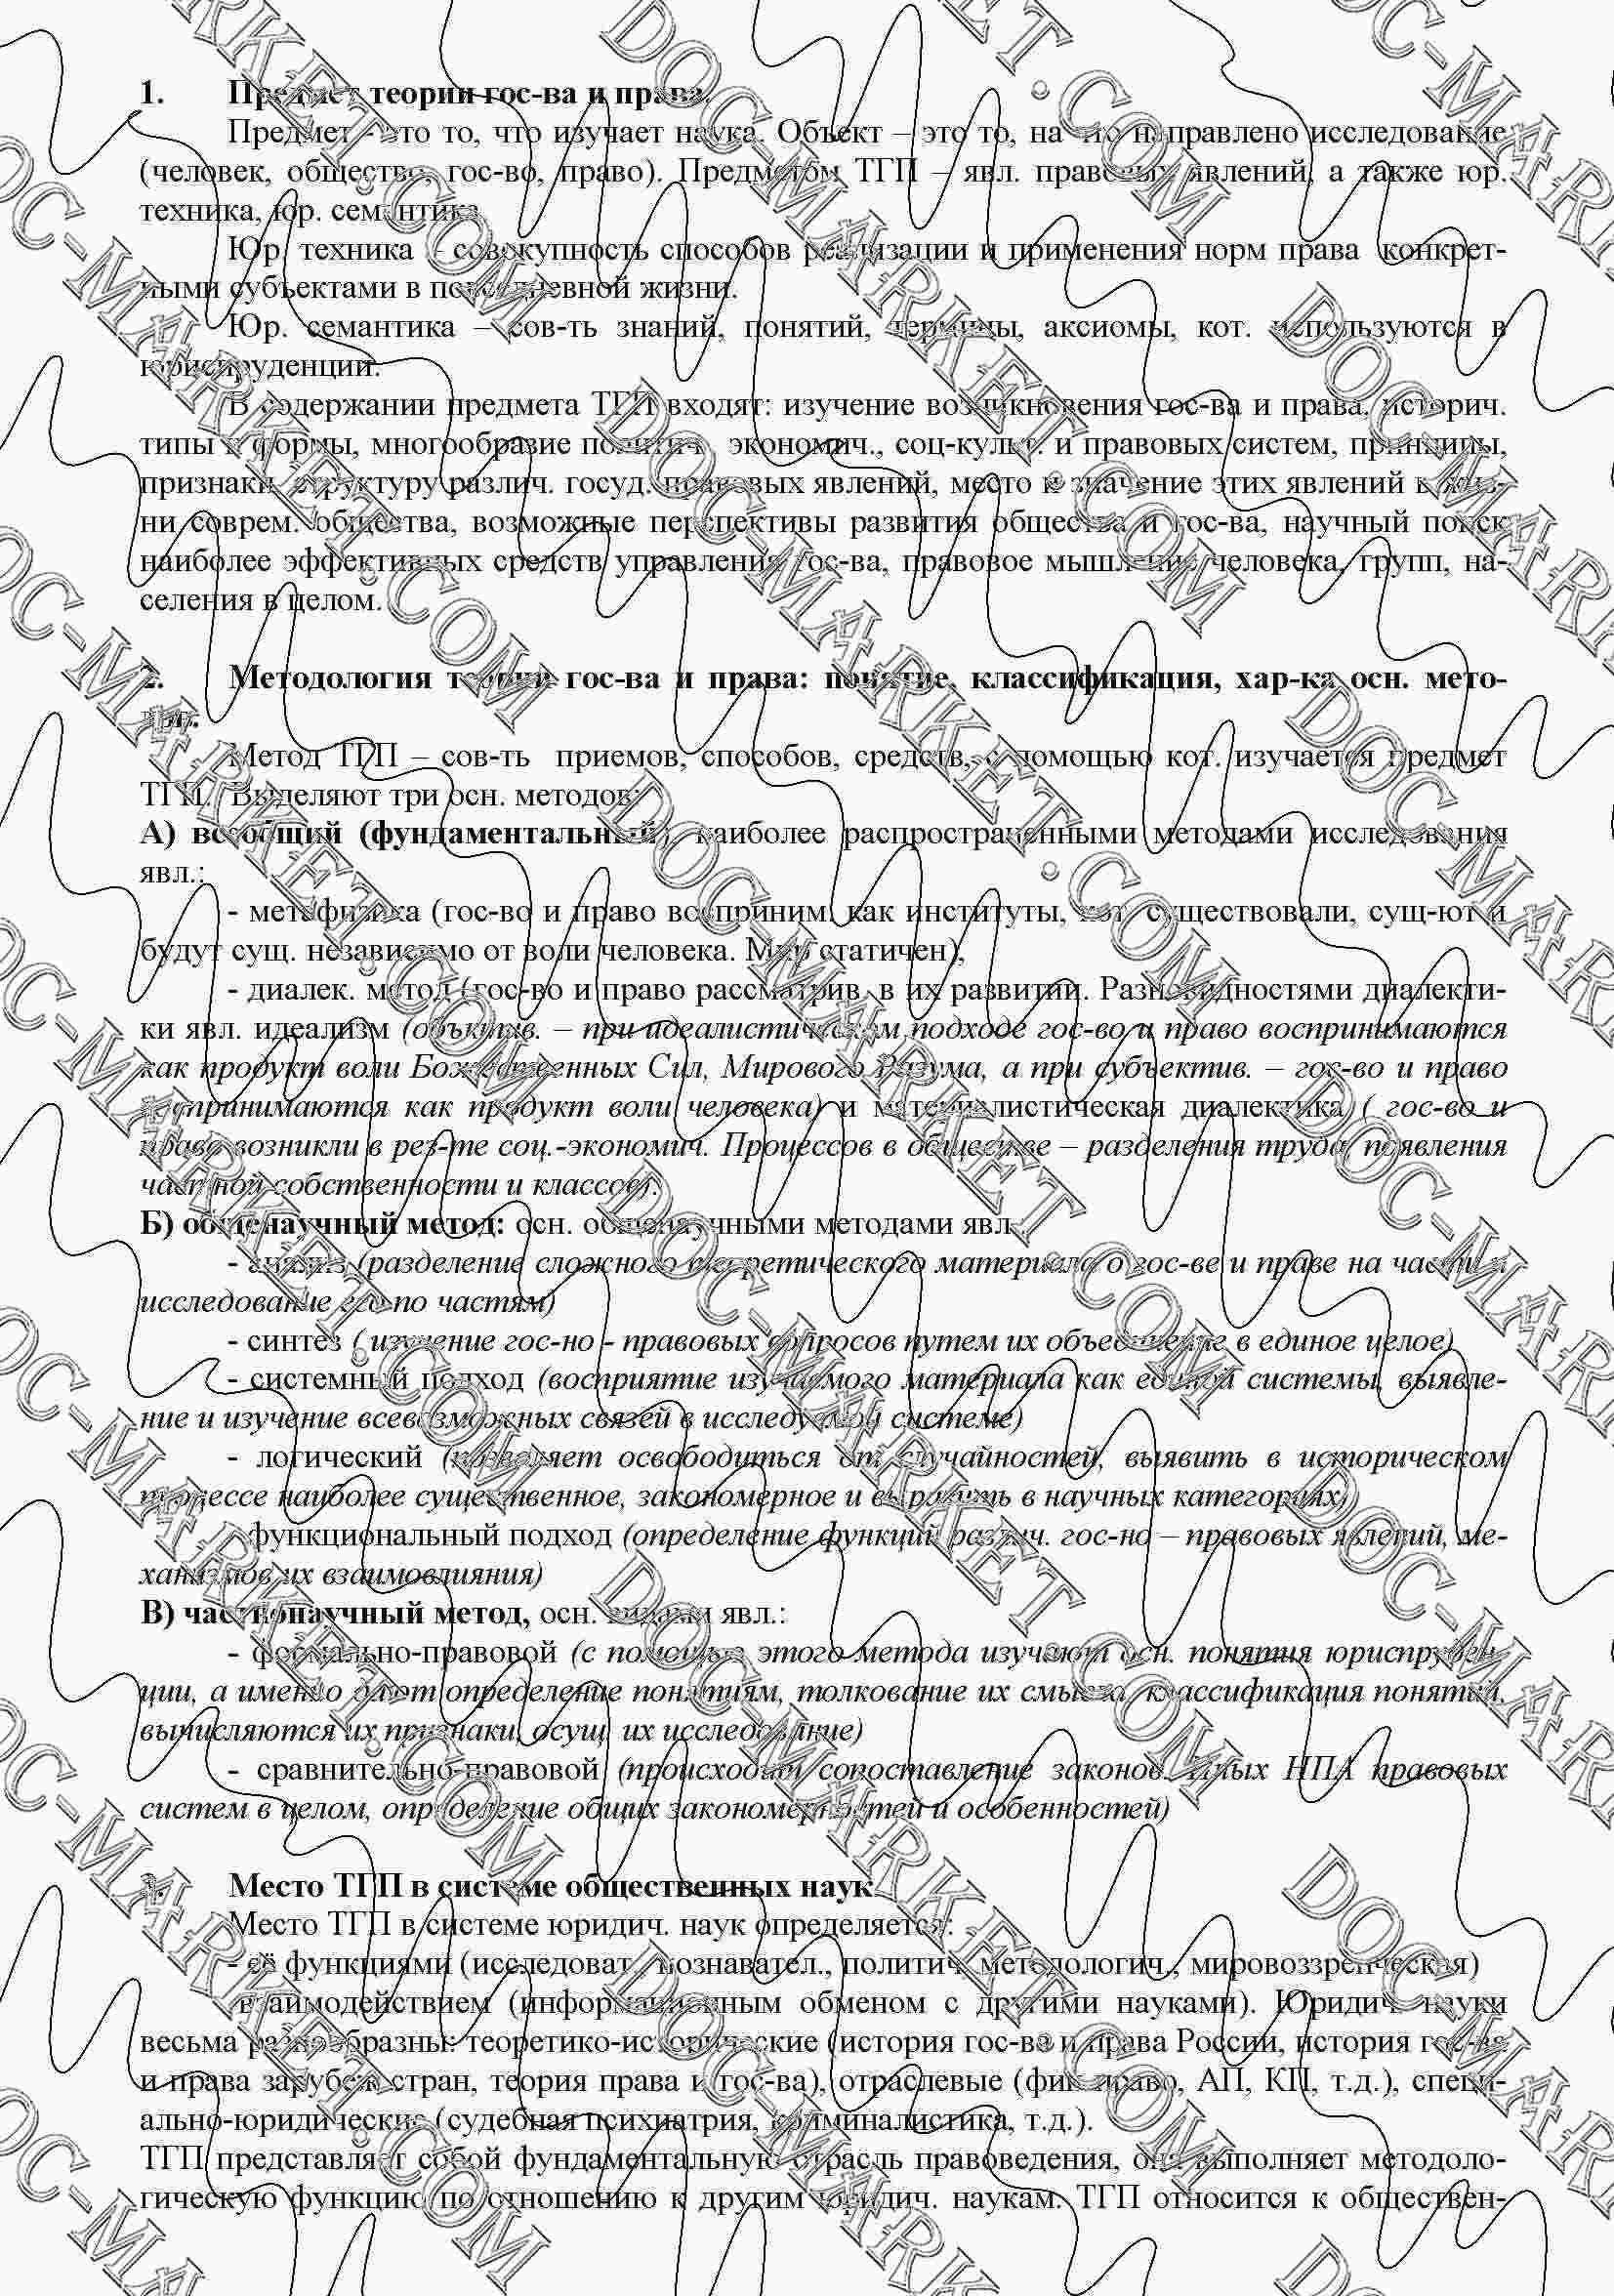 Подробнее: http://diplom-itru/razrabotka-sistemy-priema-zayavok-na-gruzoperevozku-v-vide-veb-prilozheniya/ работа подготовлена и защищена в 2013